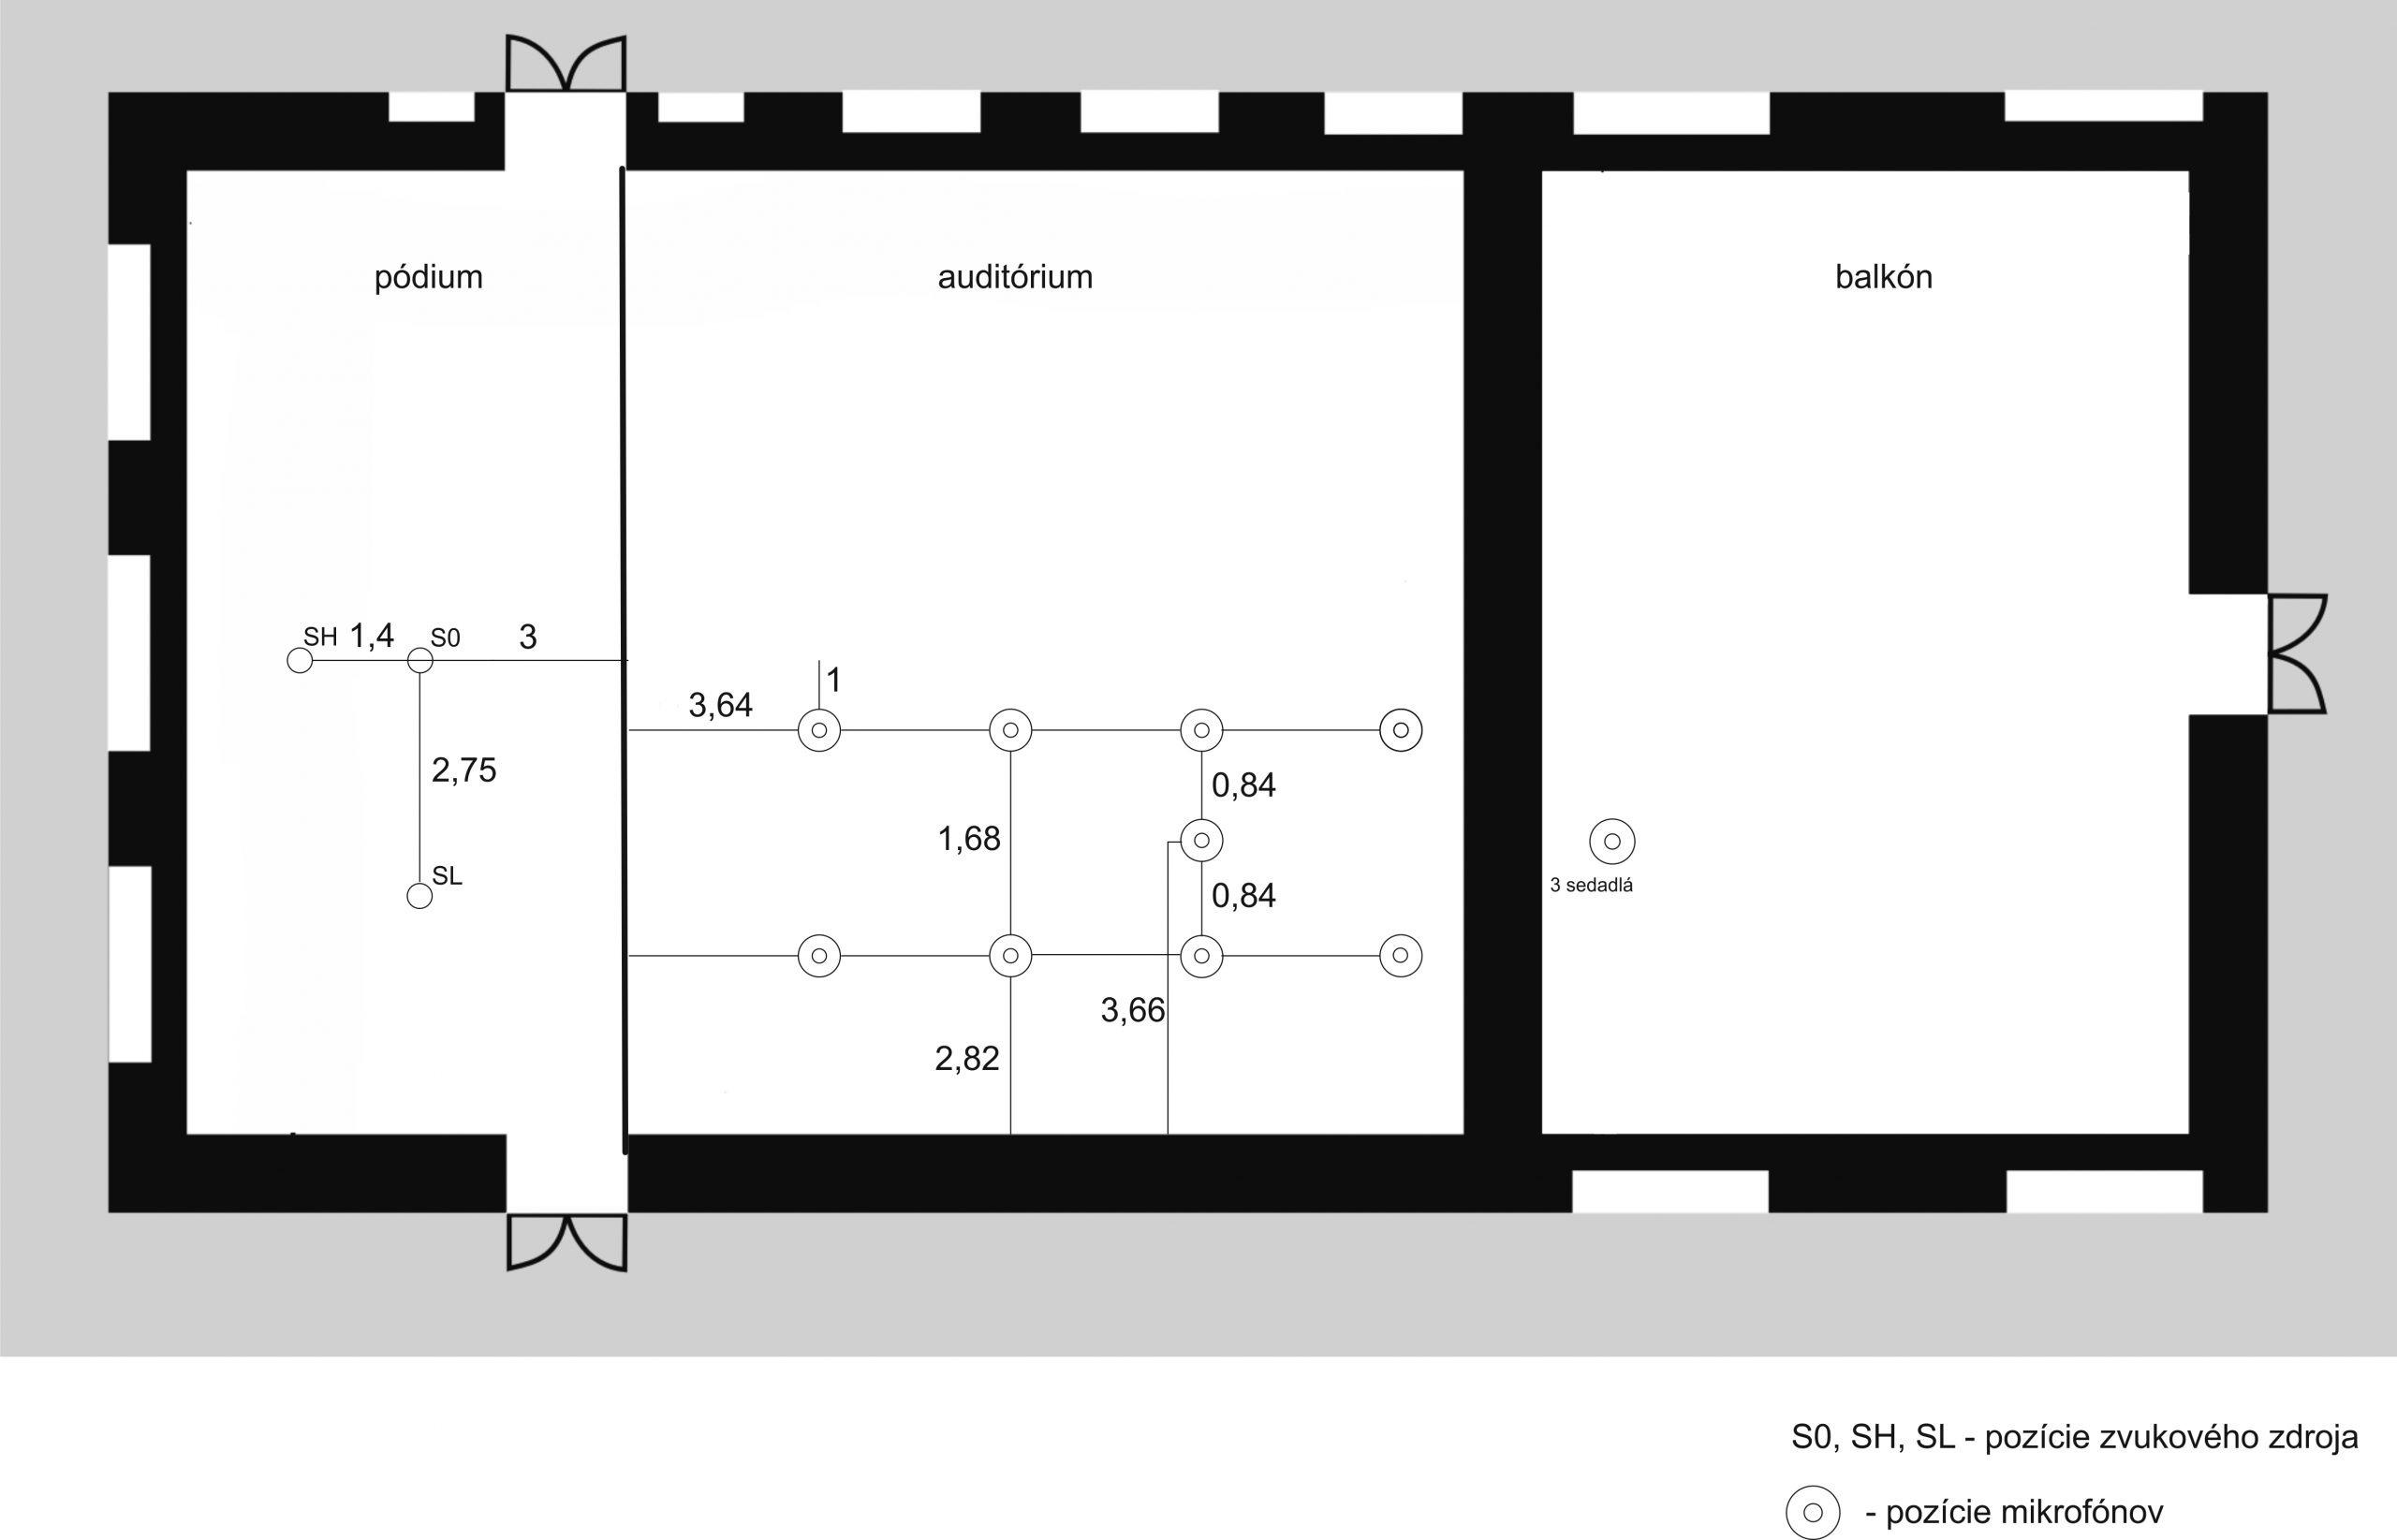 Obrázok 1 Pôdorys a rozmiestnenie mikrofónov podľa metodiky Hidaku, Beranka a Ok